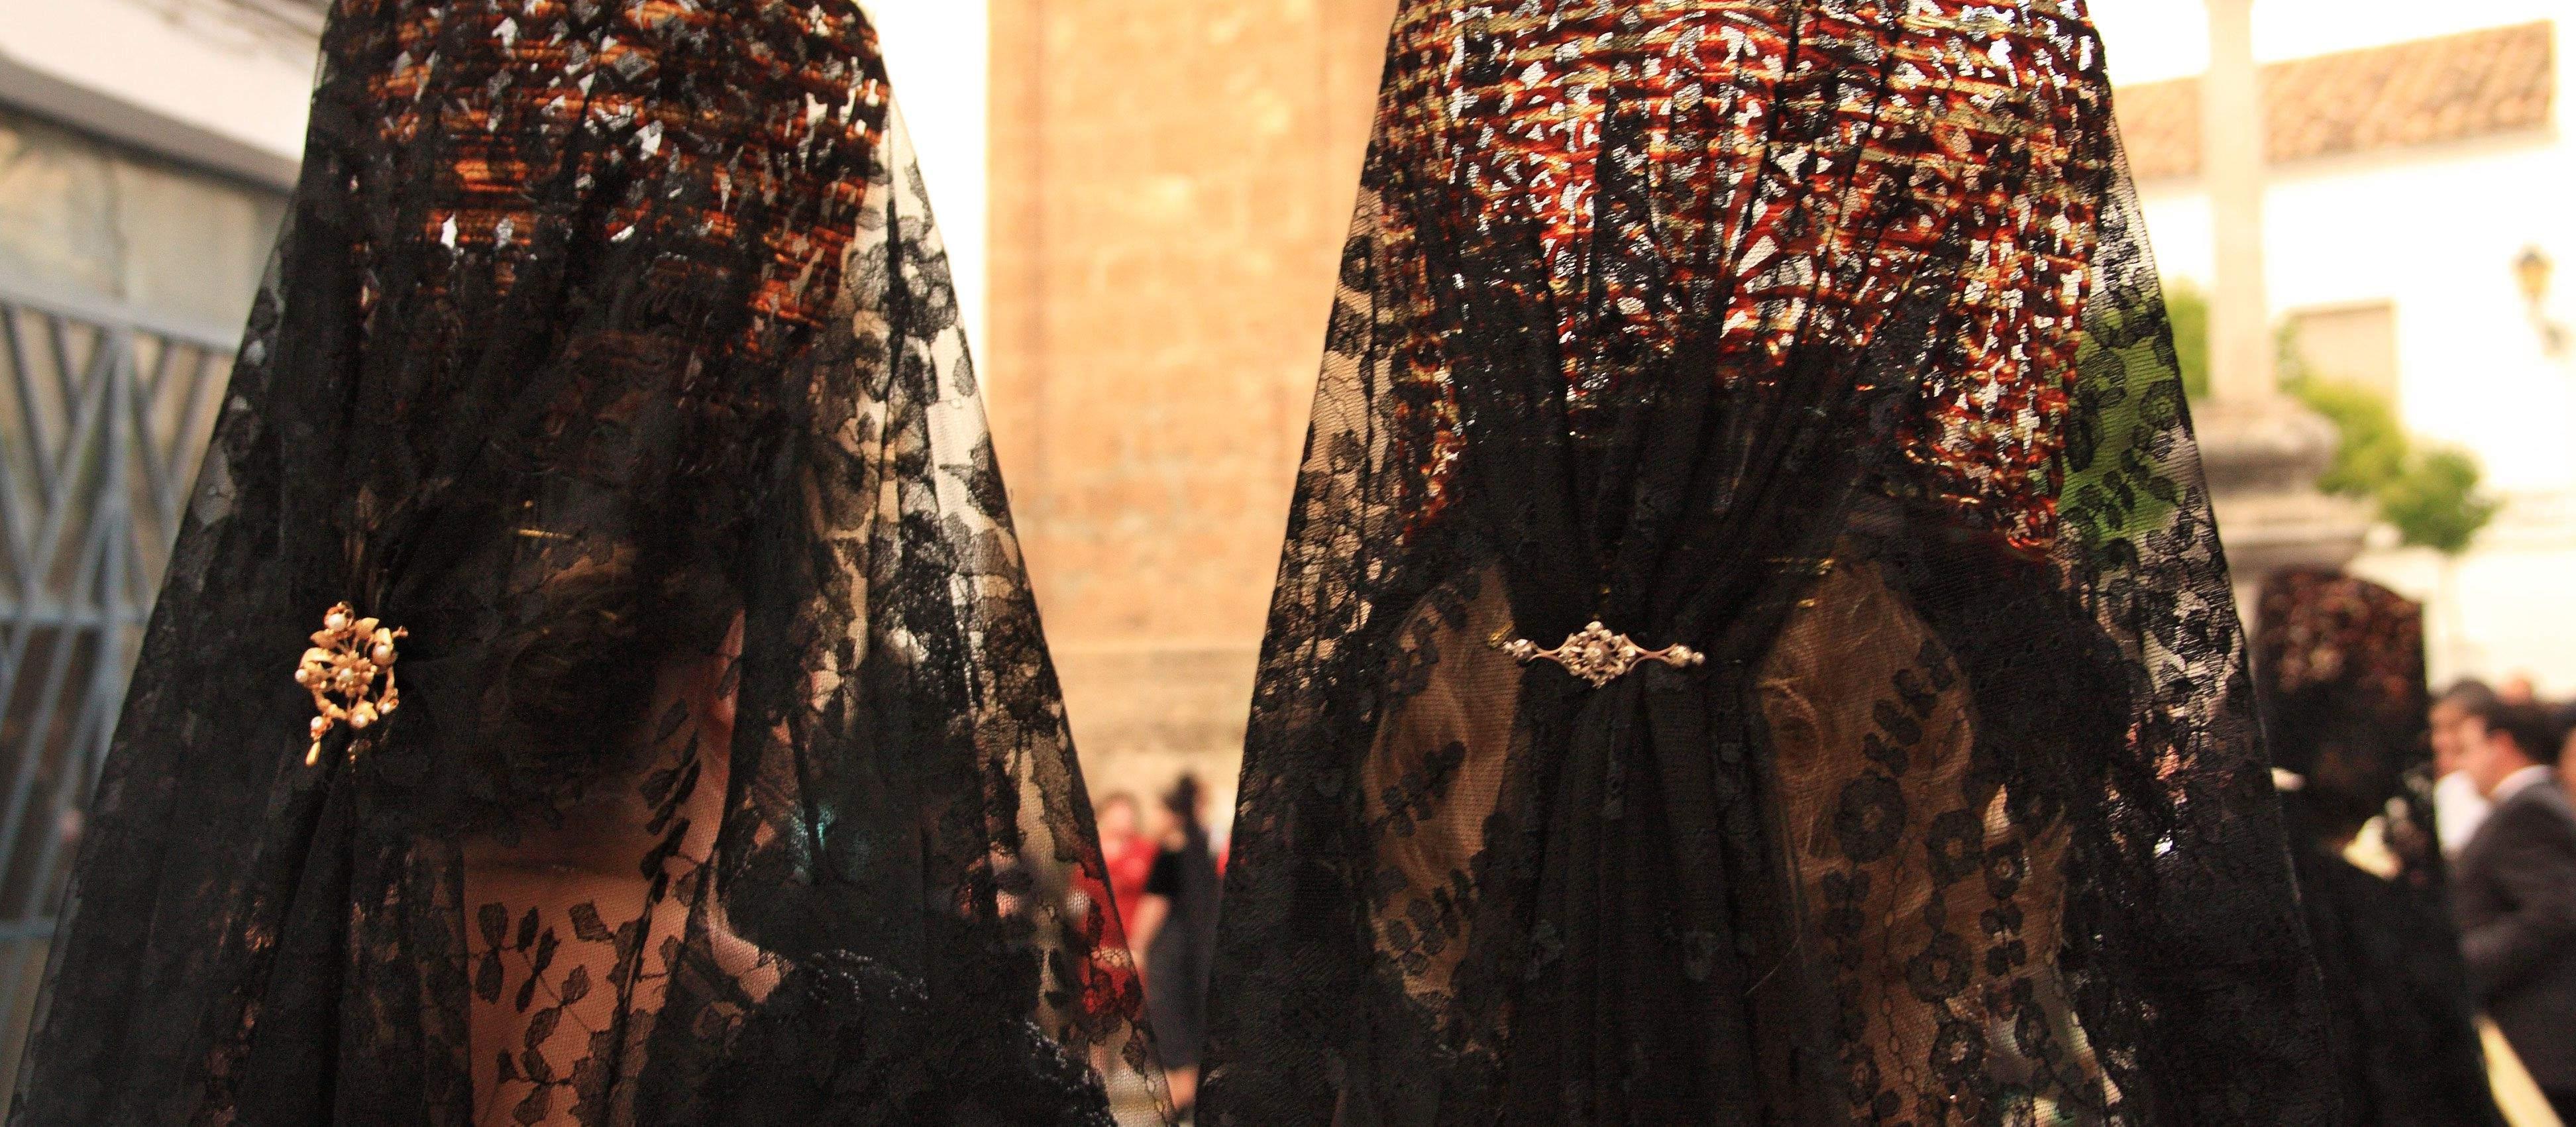 Fiestas religiosas en Priego de Córdoba